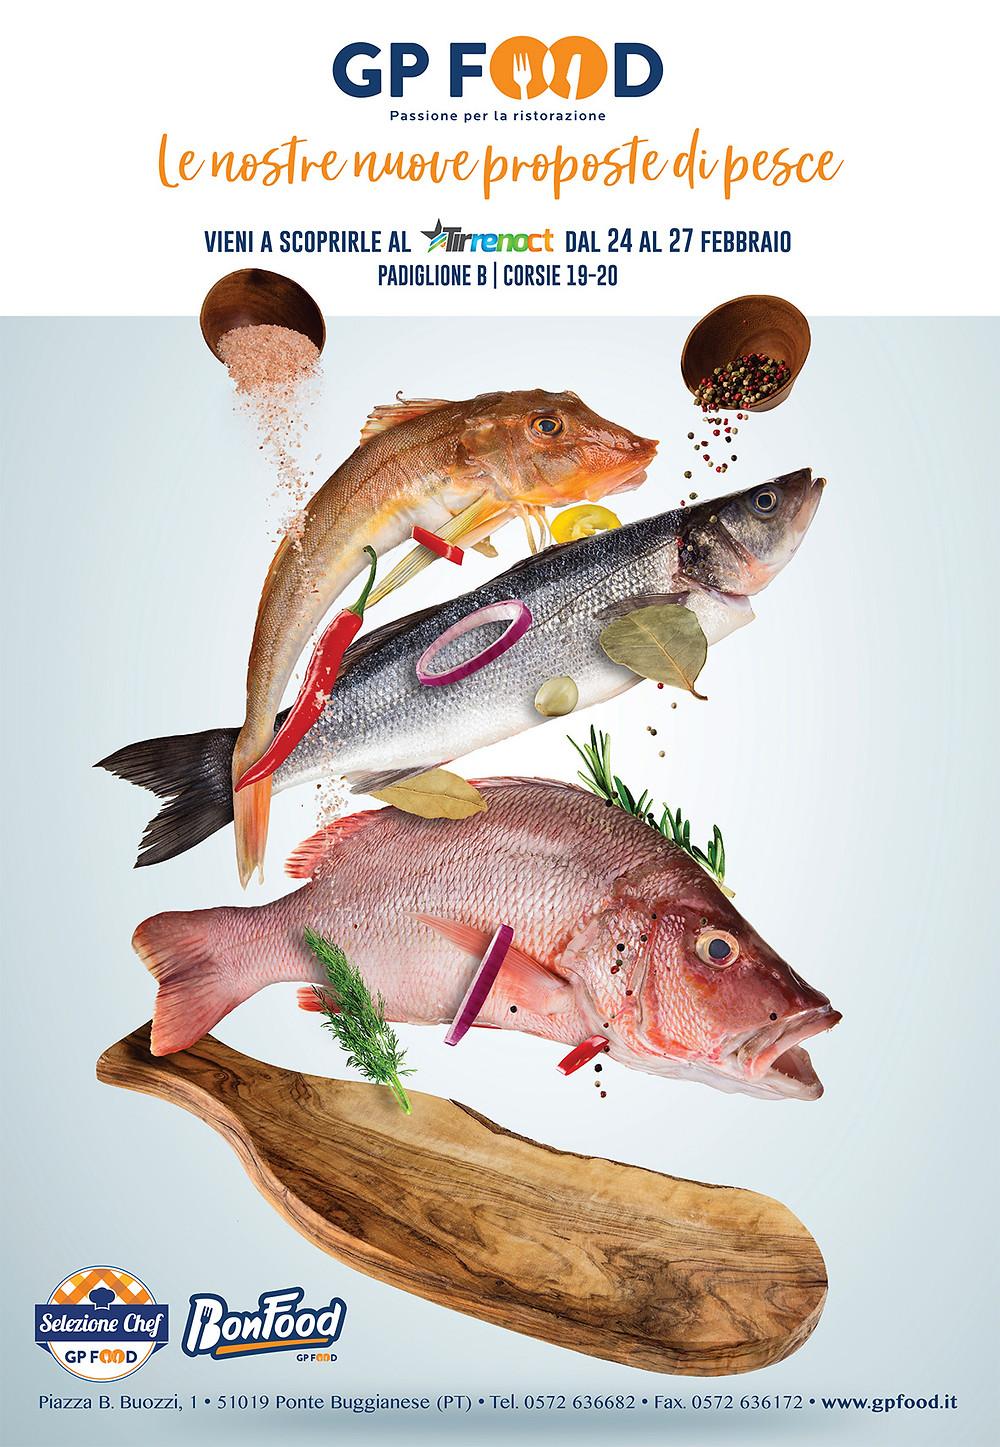 Le nostre NUOVE proposte di pesce presso Tirreno CT - 2019  dal 24 al 27 febbraio.